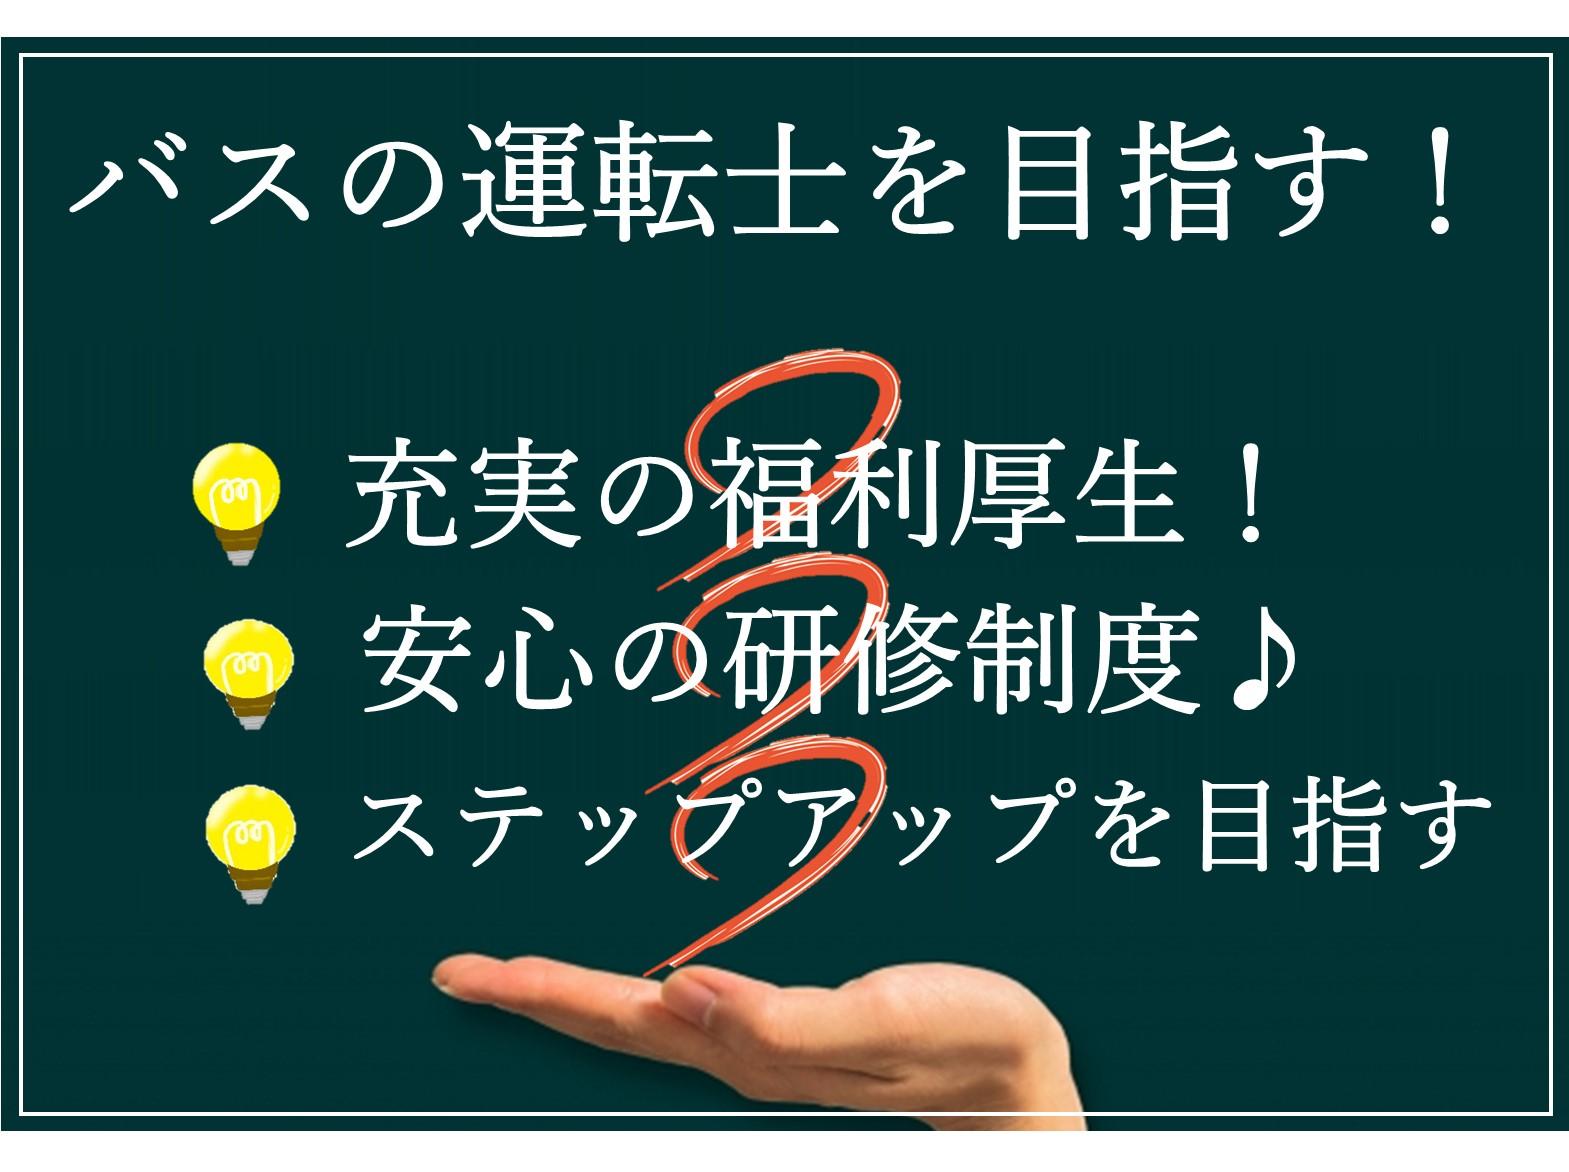 即面談可能【正社員】バスの運転士を目指す!安心の研修制度◎育成運転士 イメージ